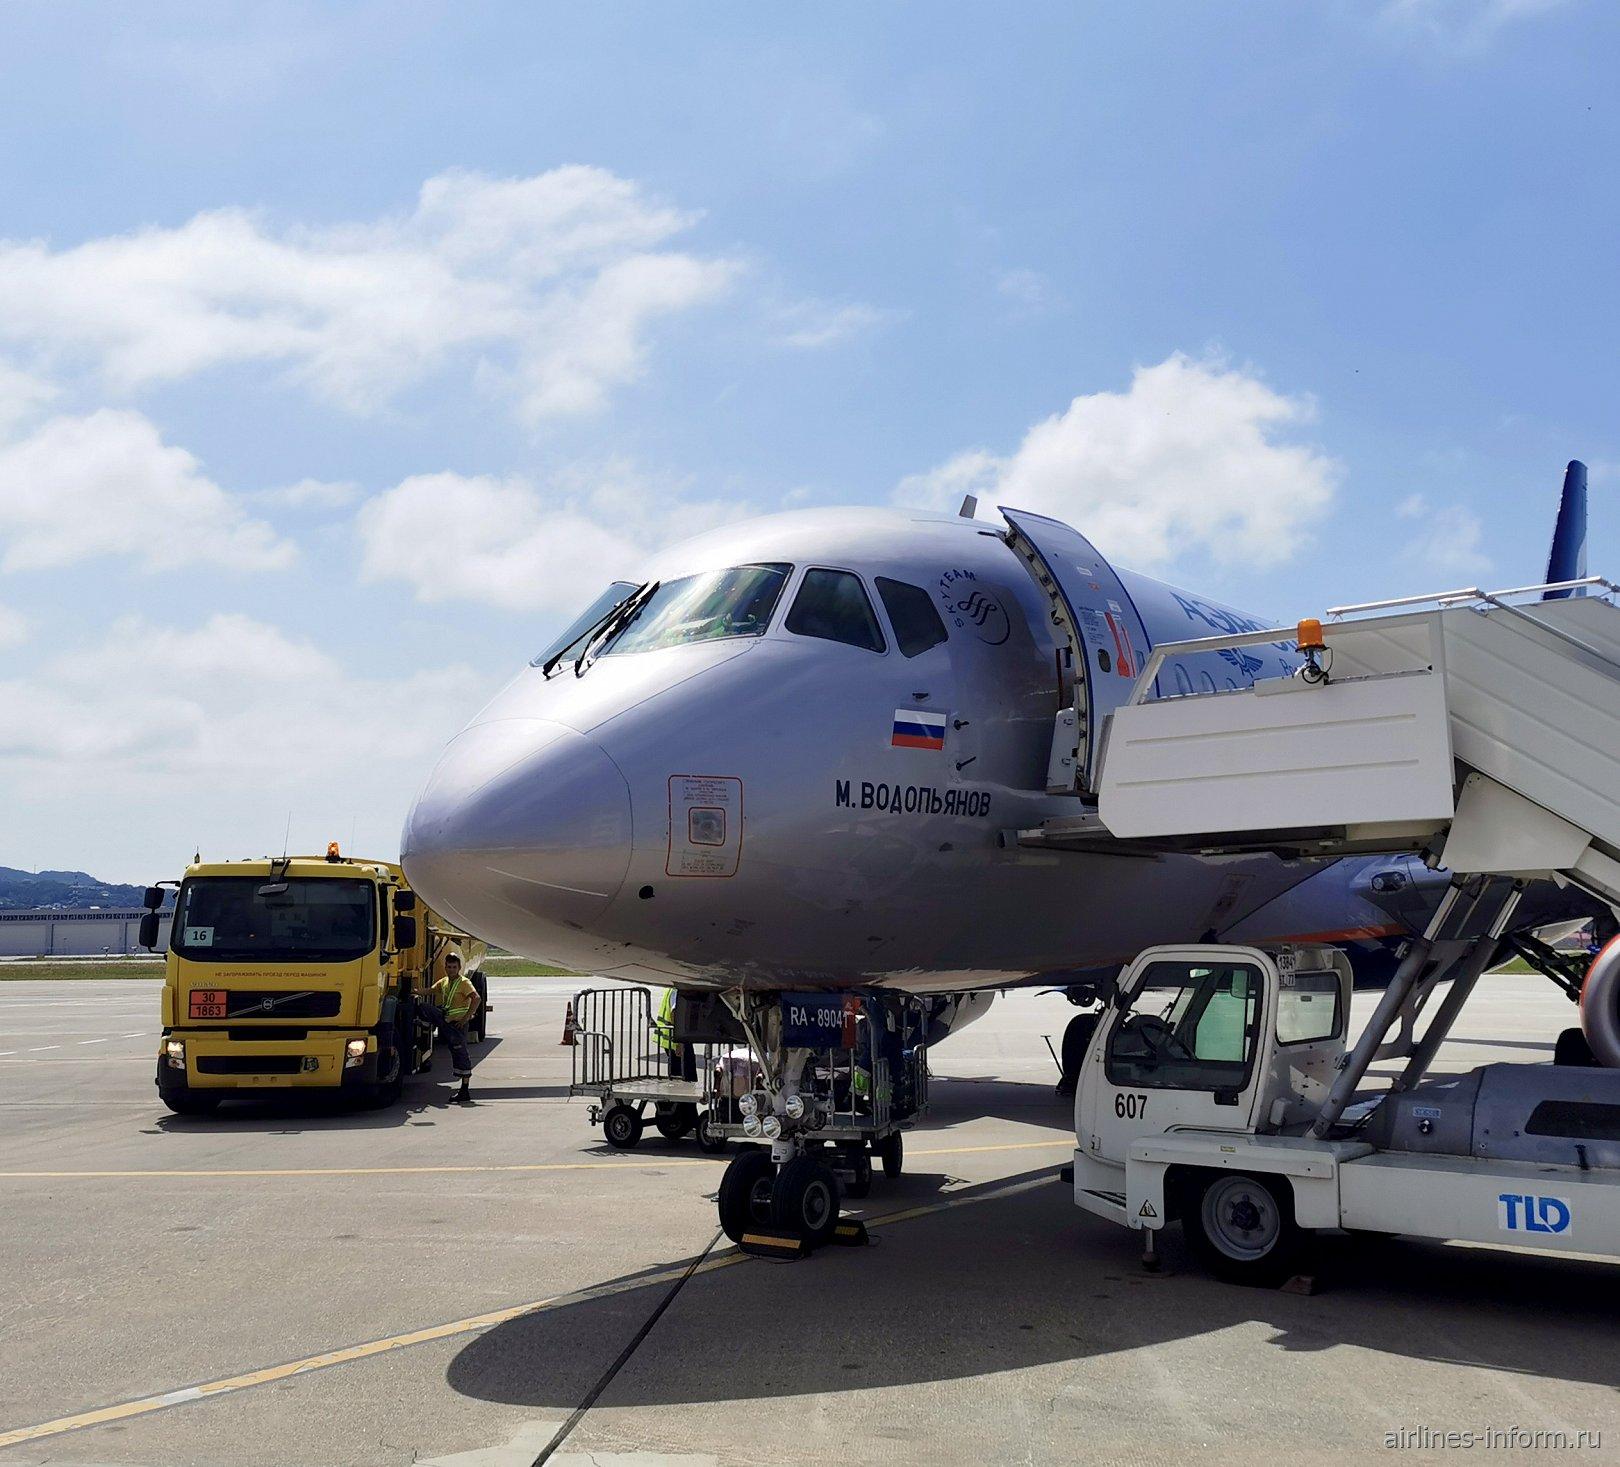 Из жаркого Крыма в субтропический Сочи на крыльях SSJ-100 Аэрофлота (+ Бонус для авиалюбителей)